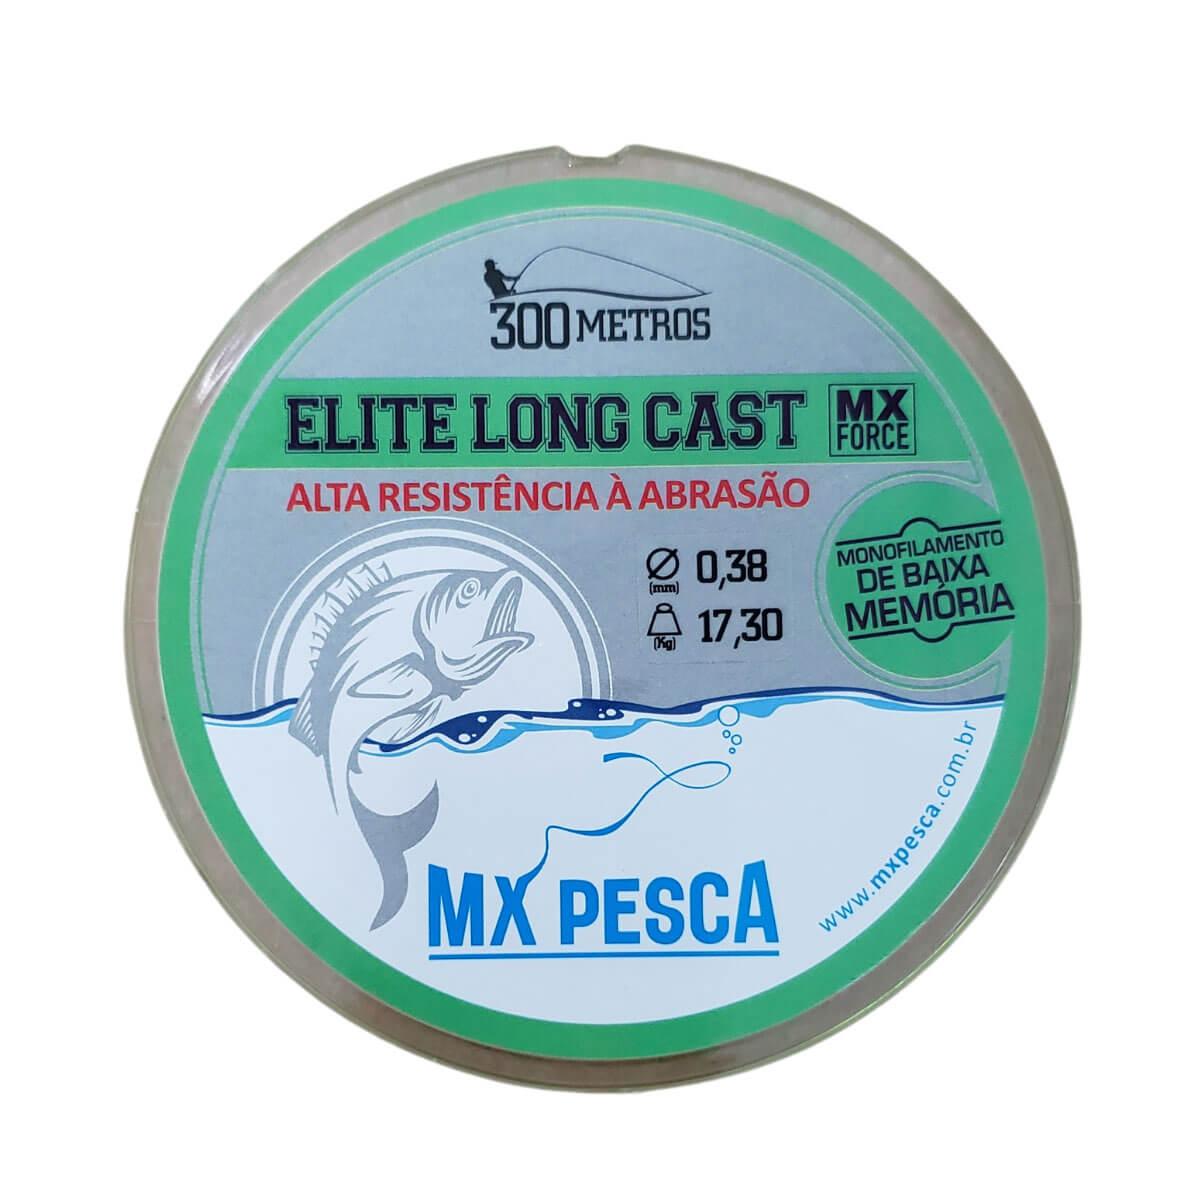 Linha Mx Pesca Elite Long Cast Verde 300 m  - Pró Pesca Shop